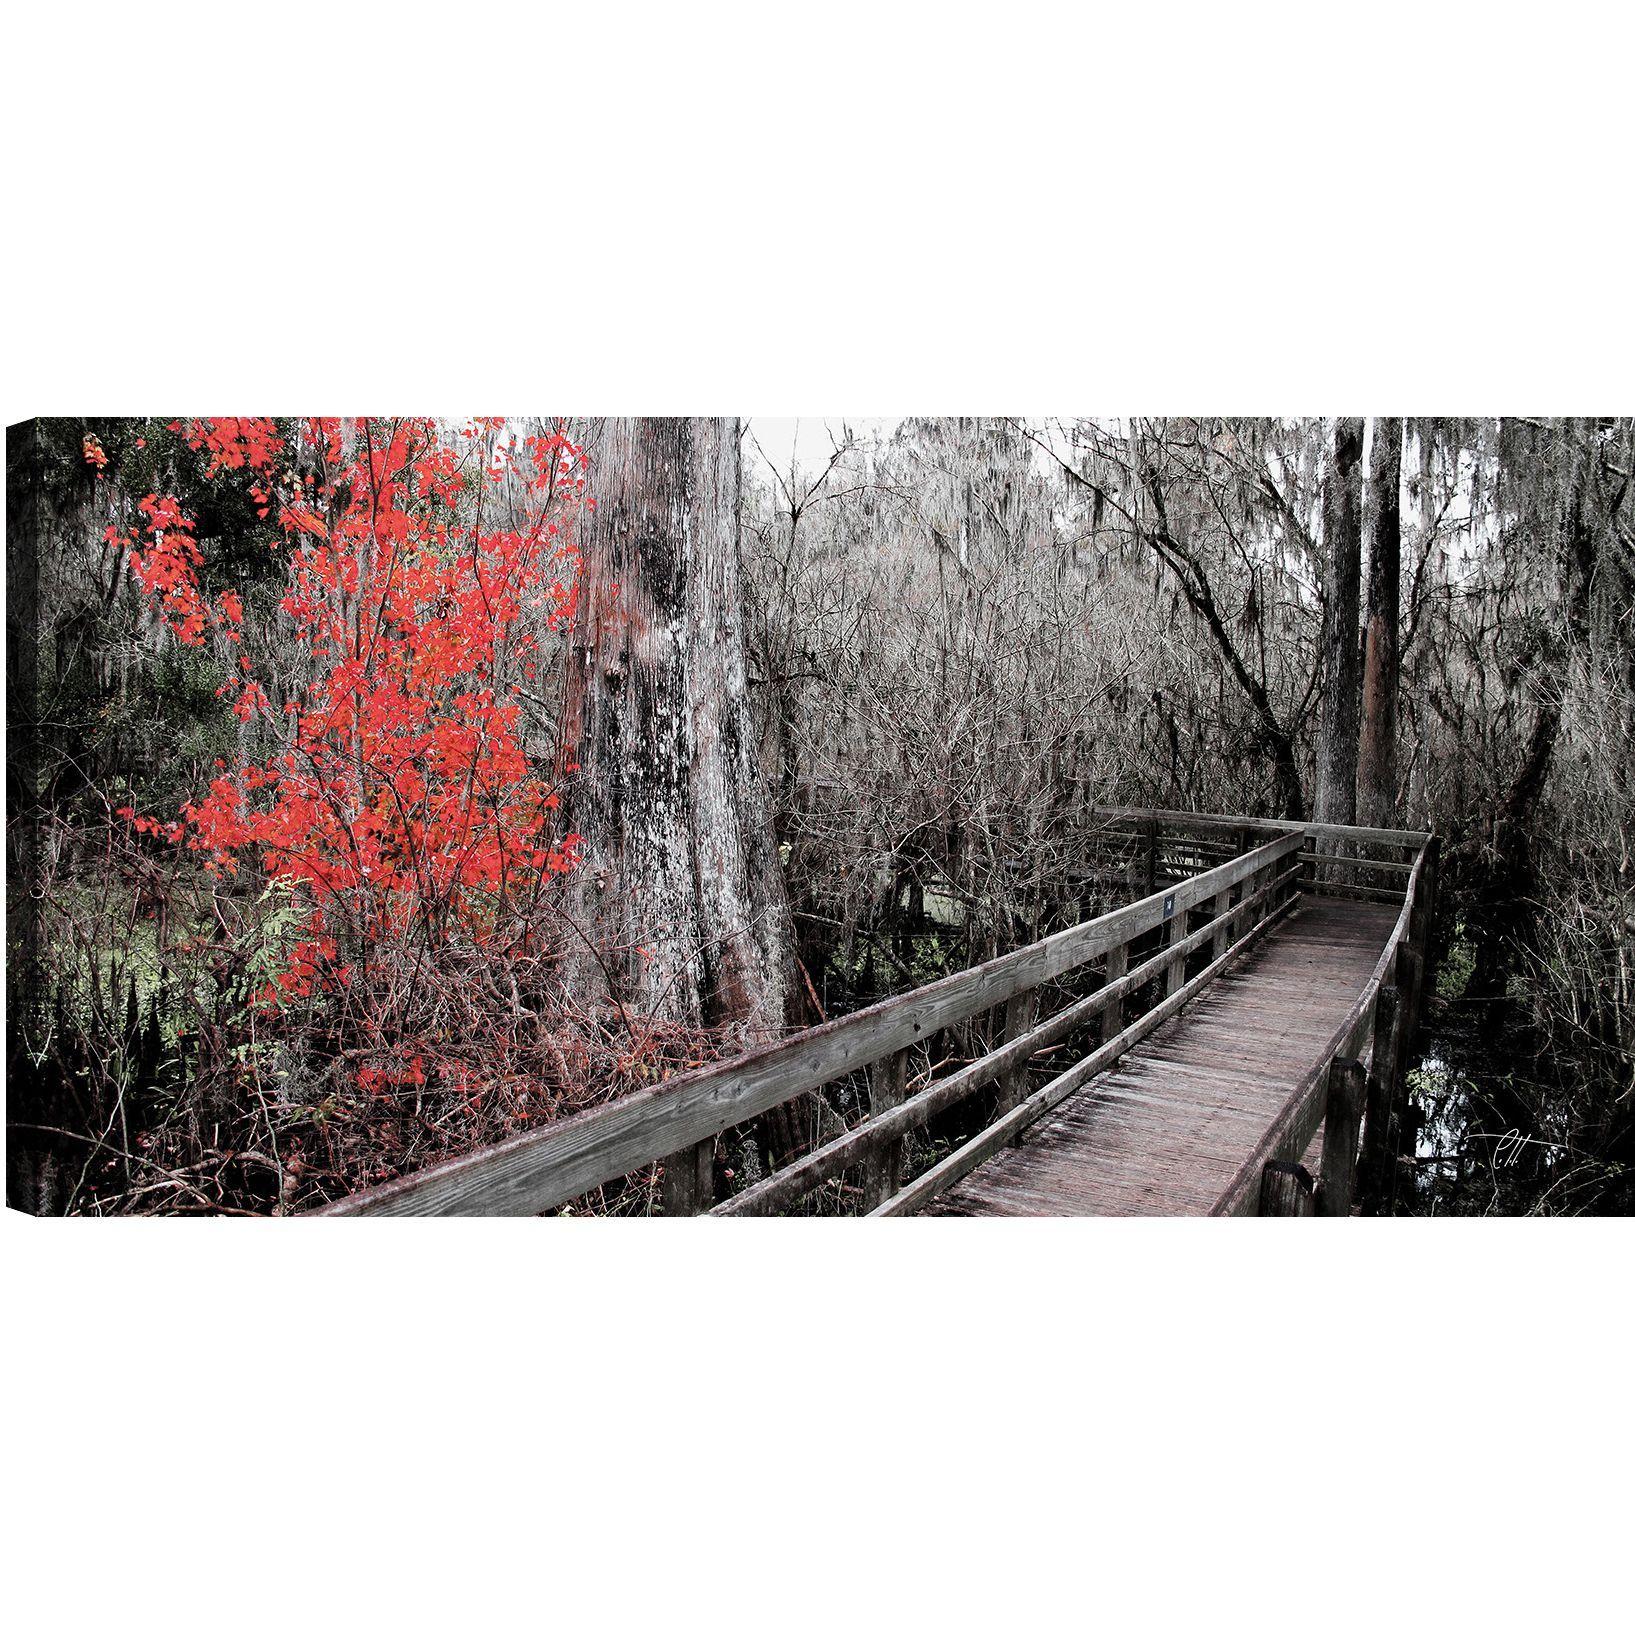 Ptturk uwooden bridge iiiu landscape photography x gallery